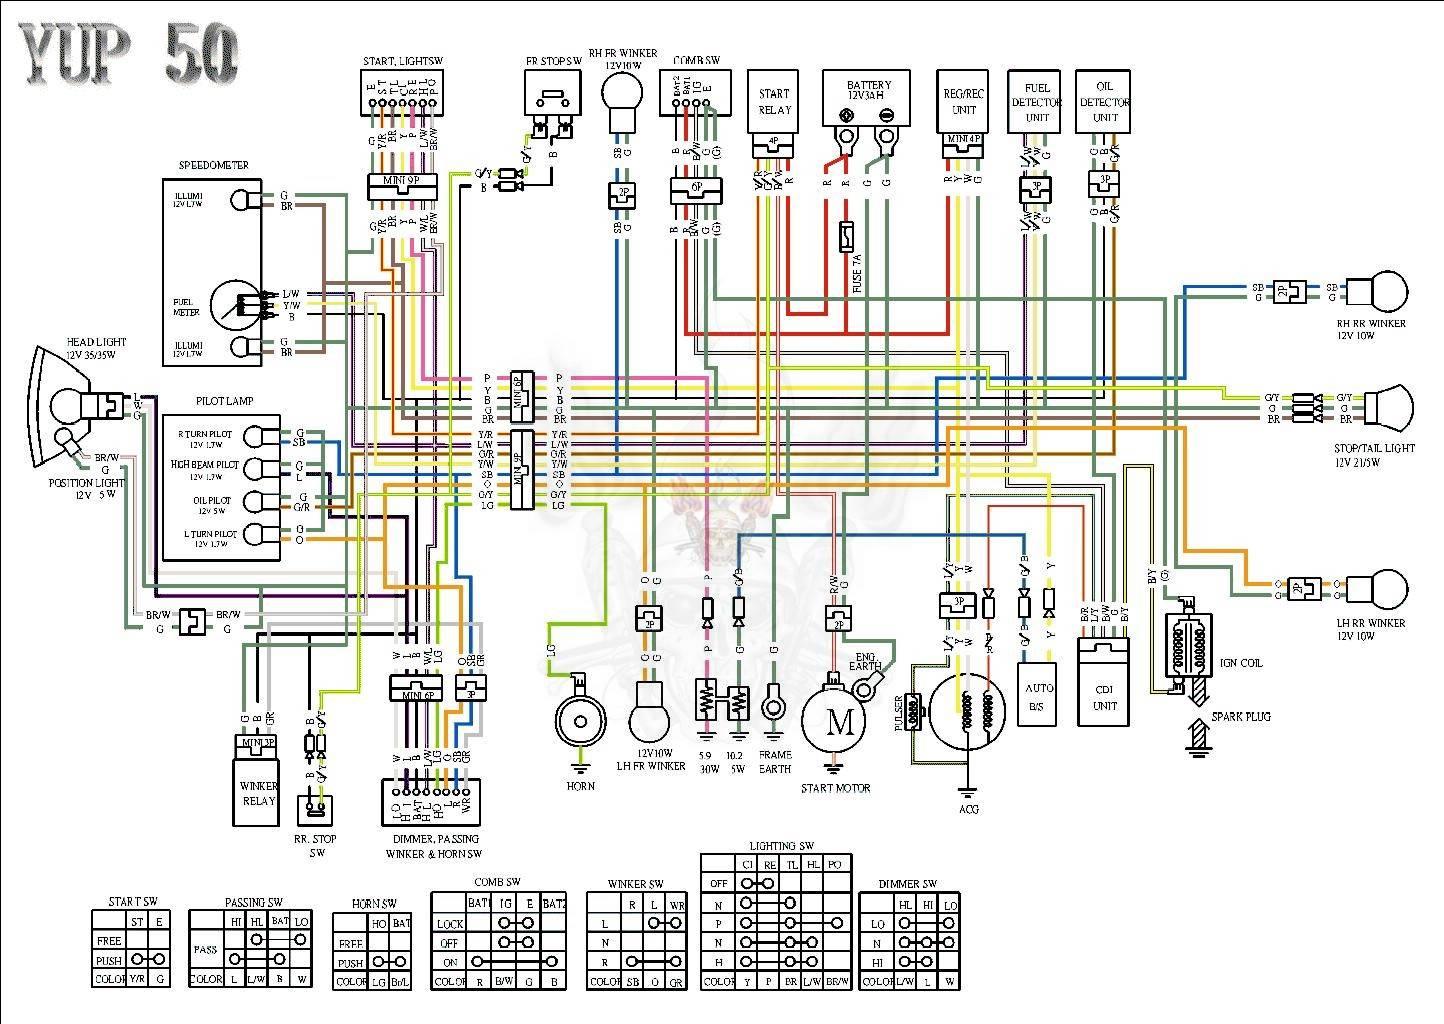 Схема электрооборудования скутеров Kymco Yup 50.